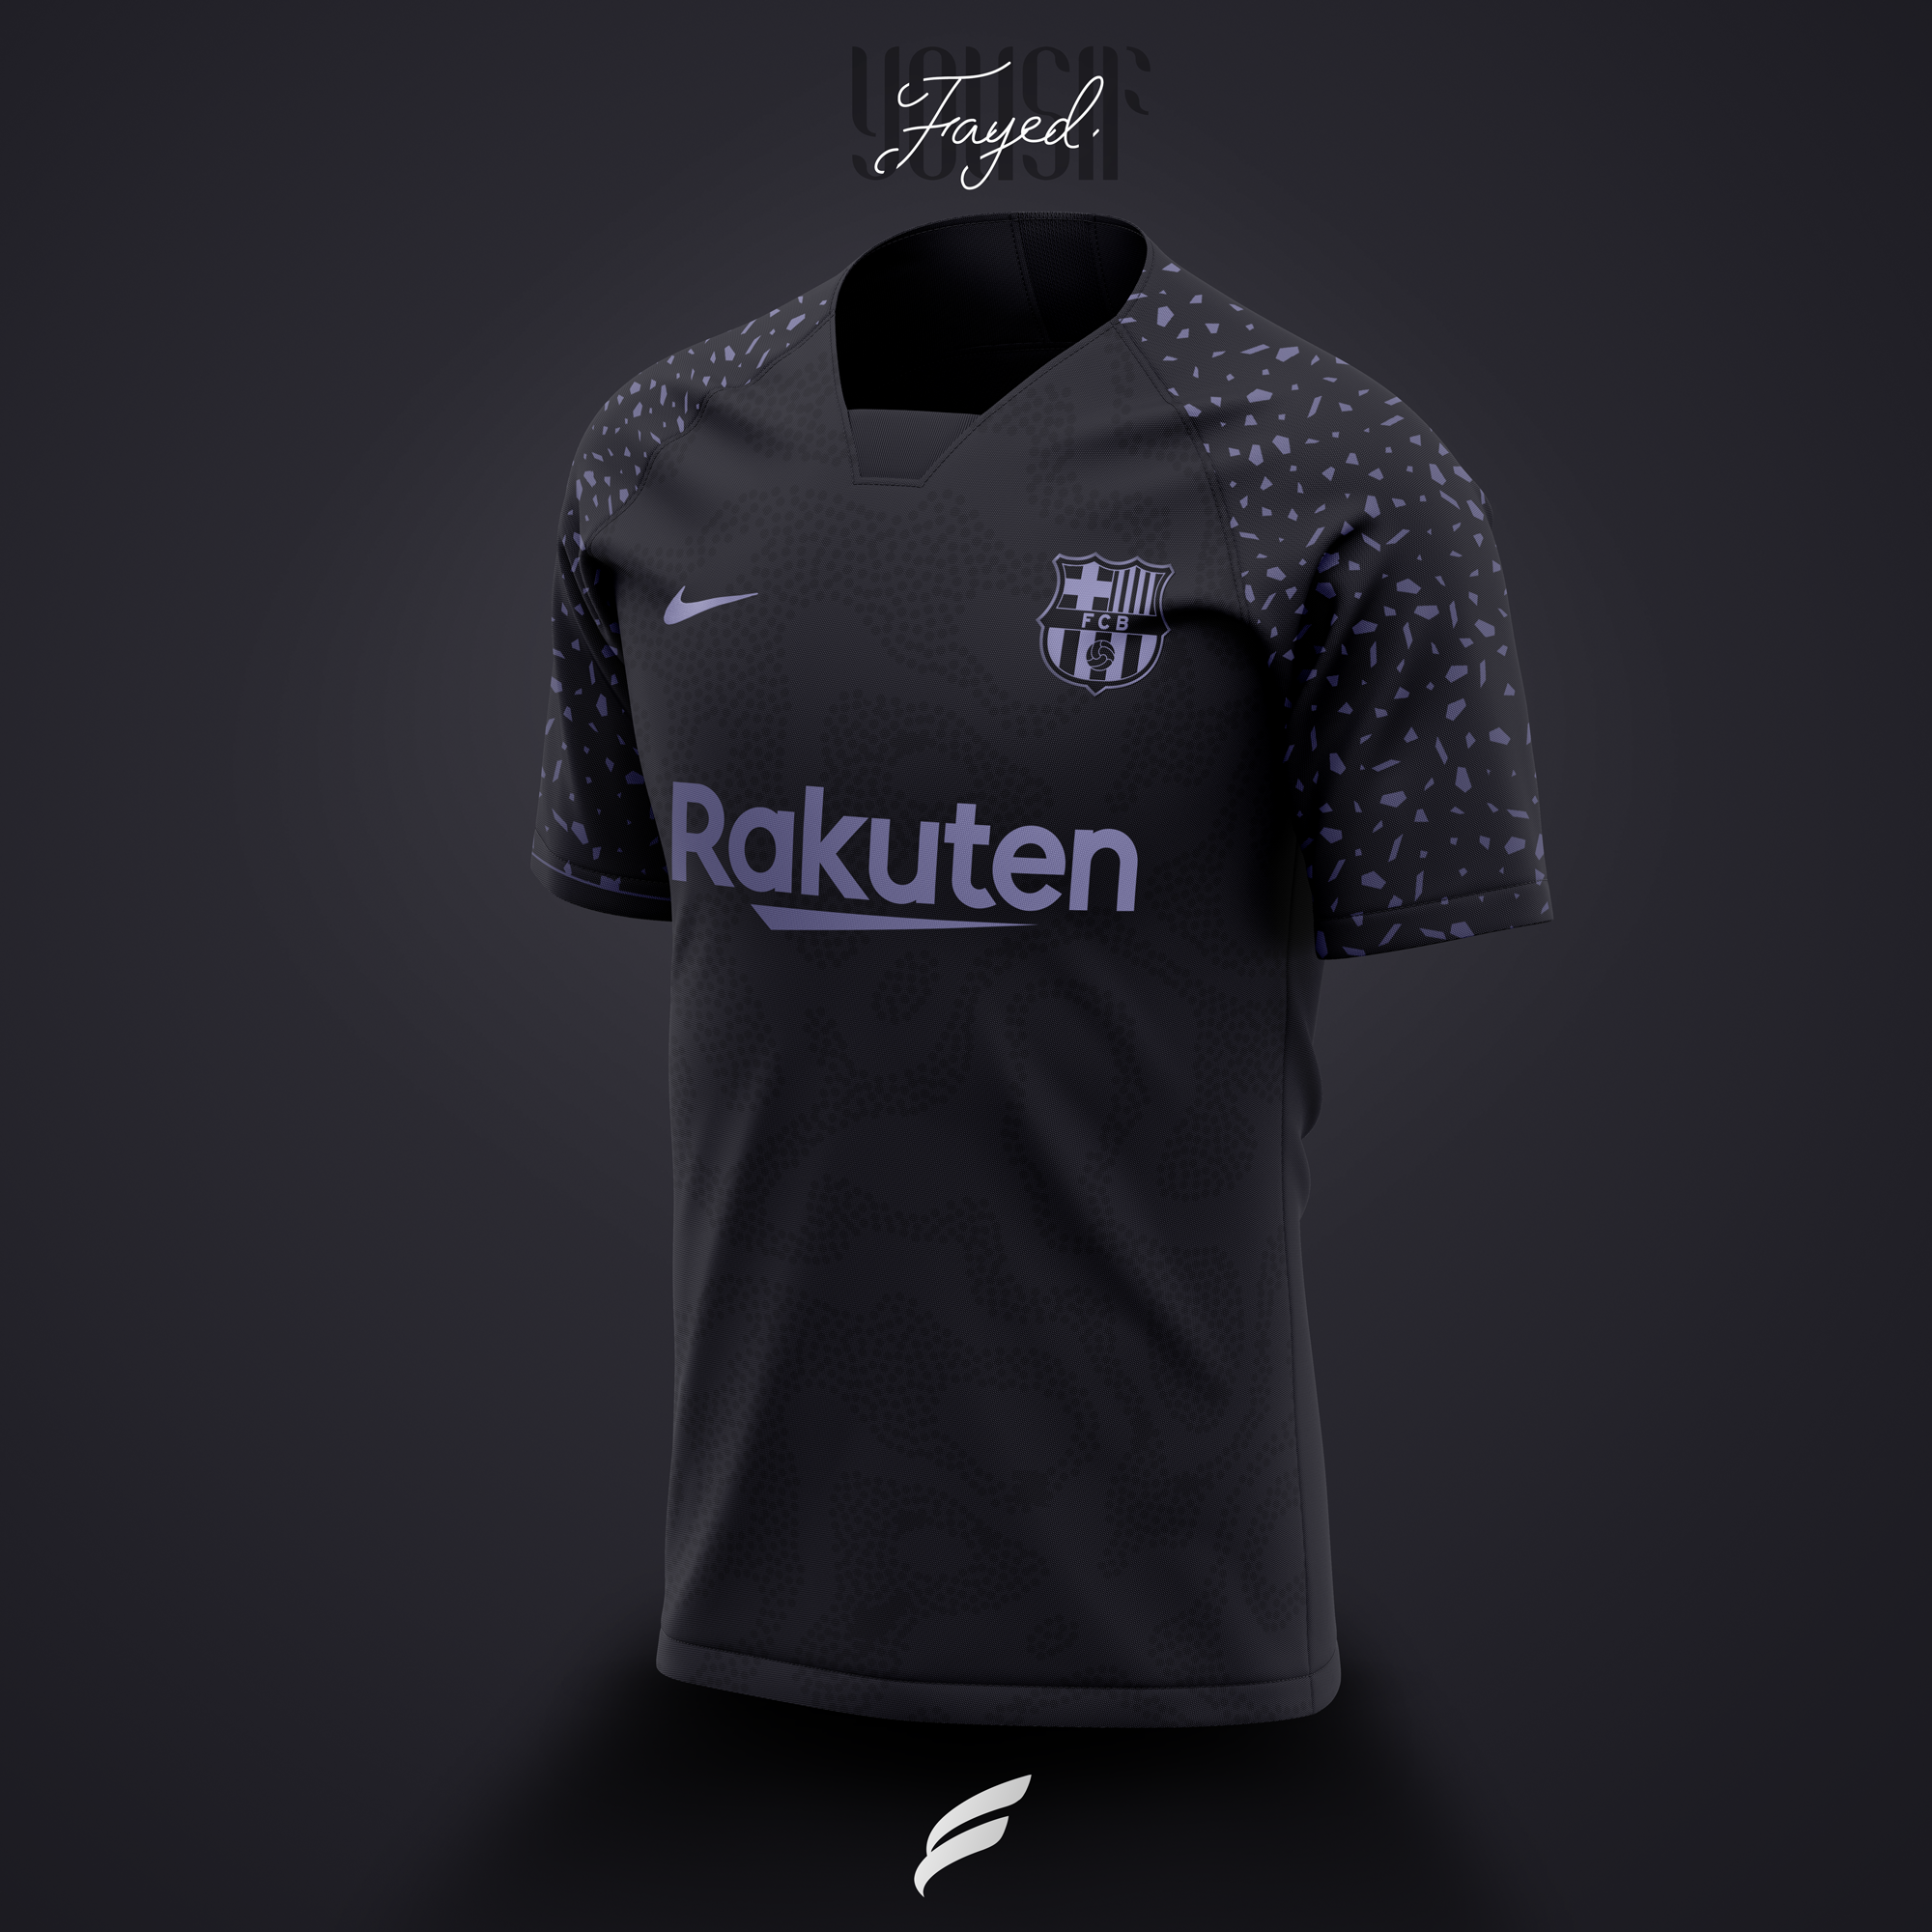 Fc Barcelona 21 22 Third Kit Leaked